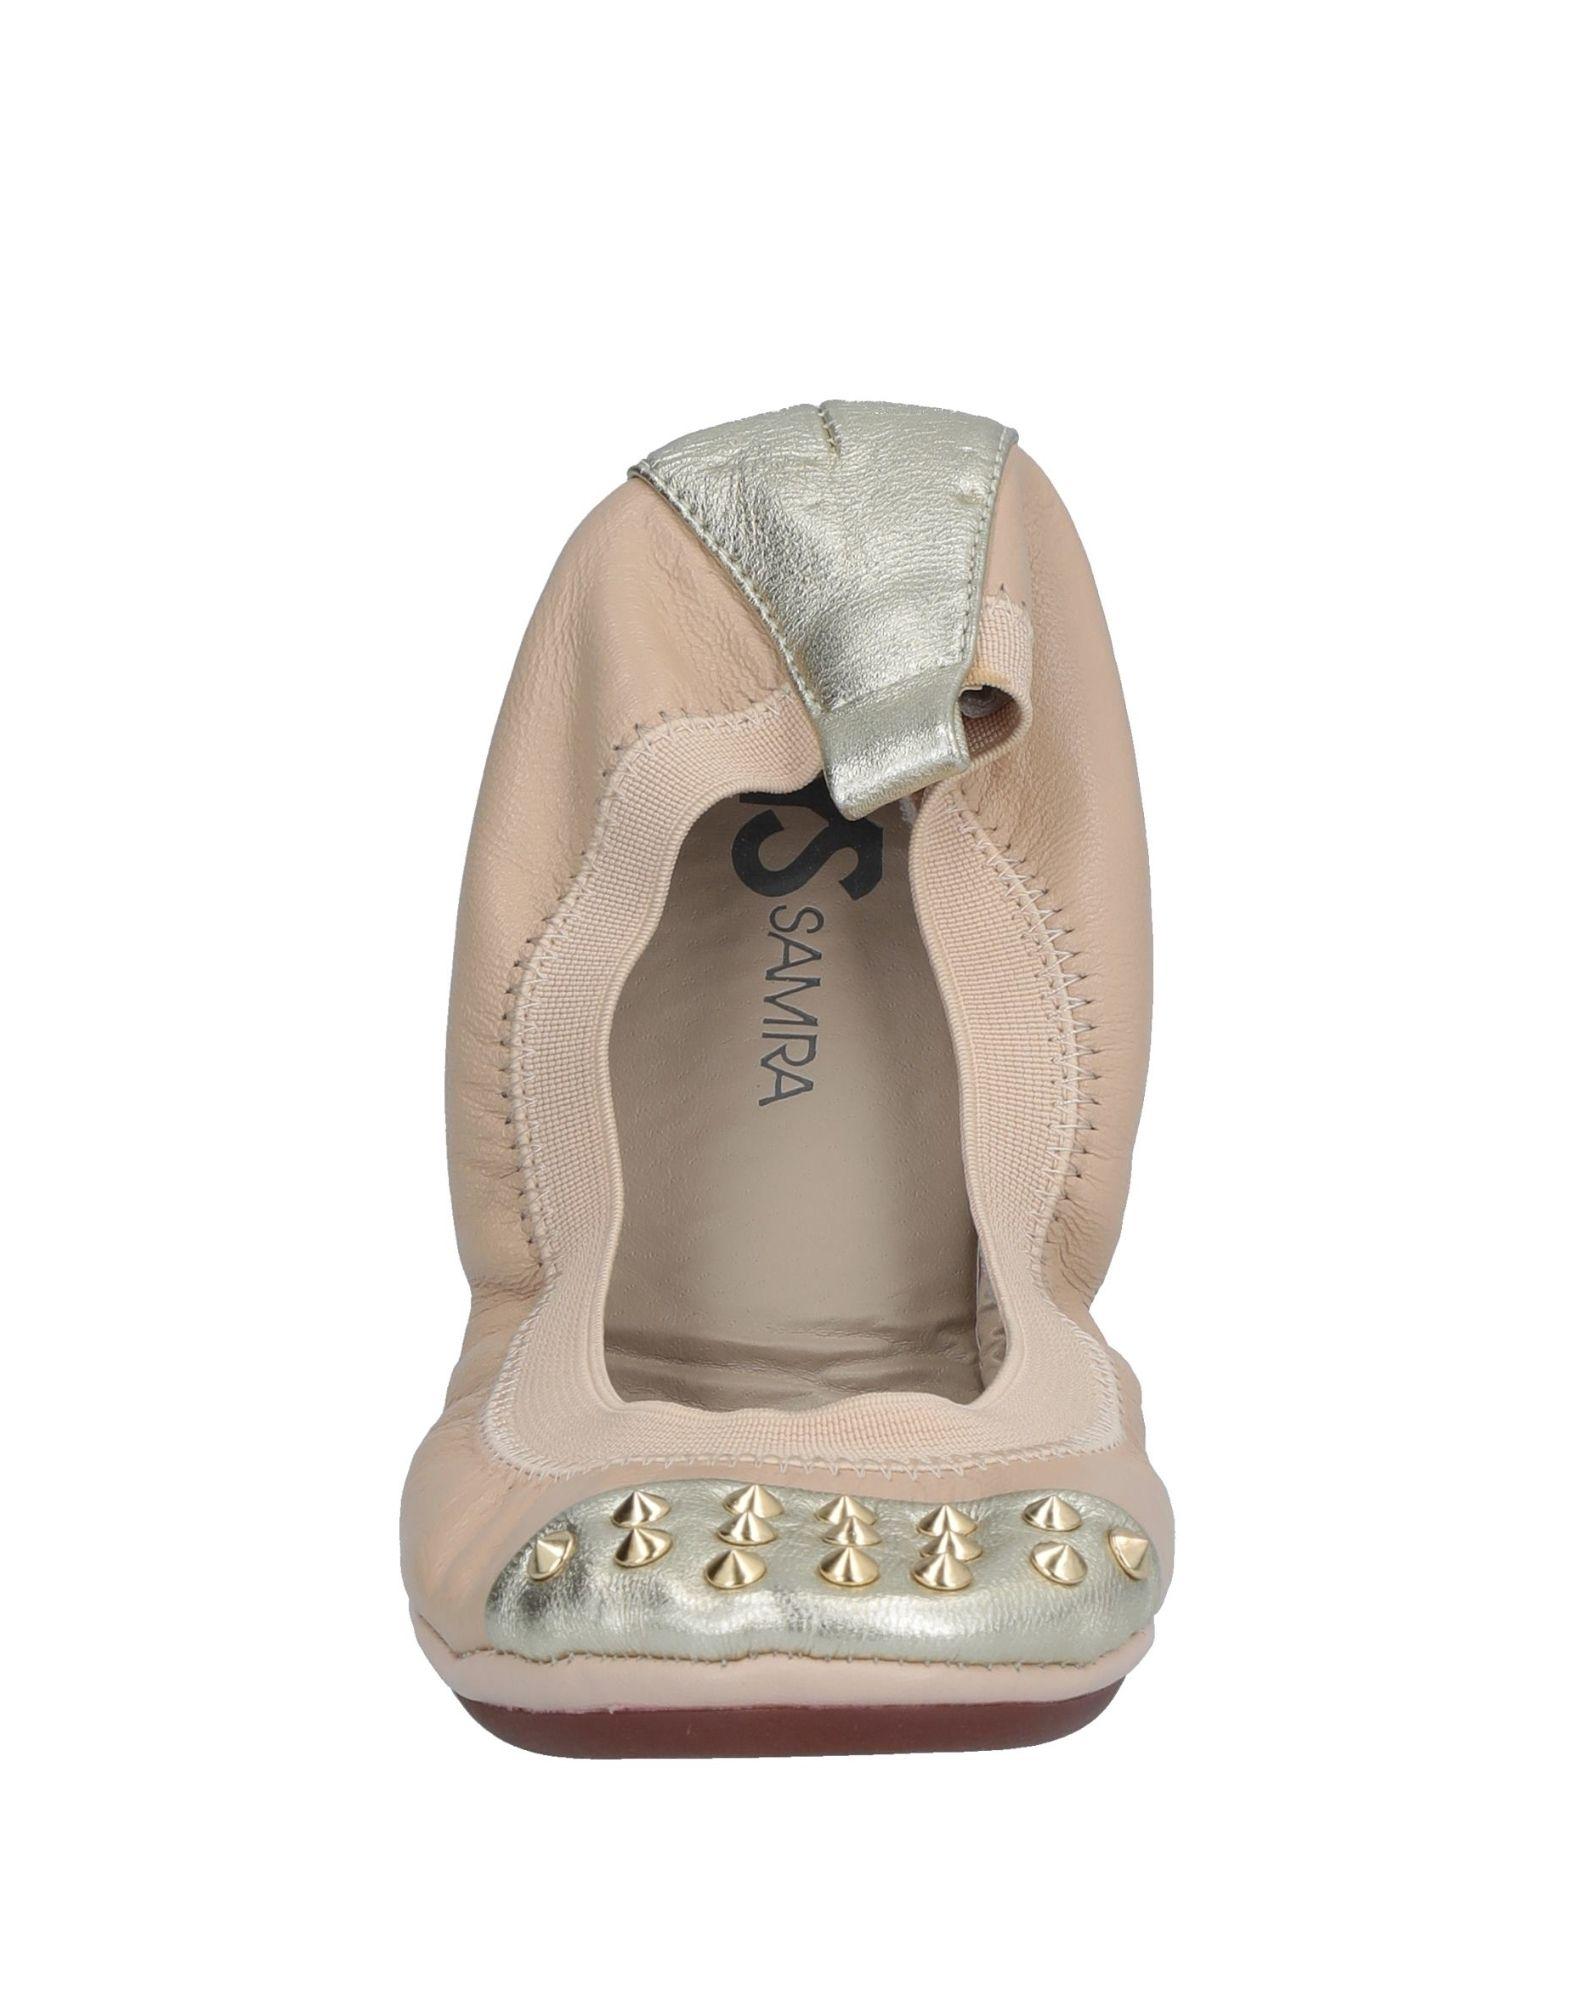 Yosi Samra Ballerinas Damen Gutes sich,Sonderangebot-2438 Preis-Leistungs-Verhältnis, es lohnt sich,Sonderangebot-2438 Gutes 0866e0